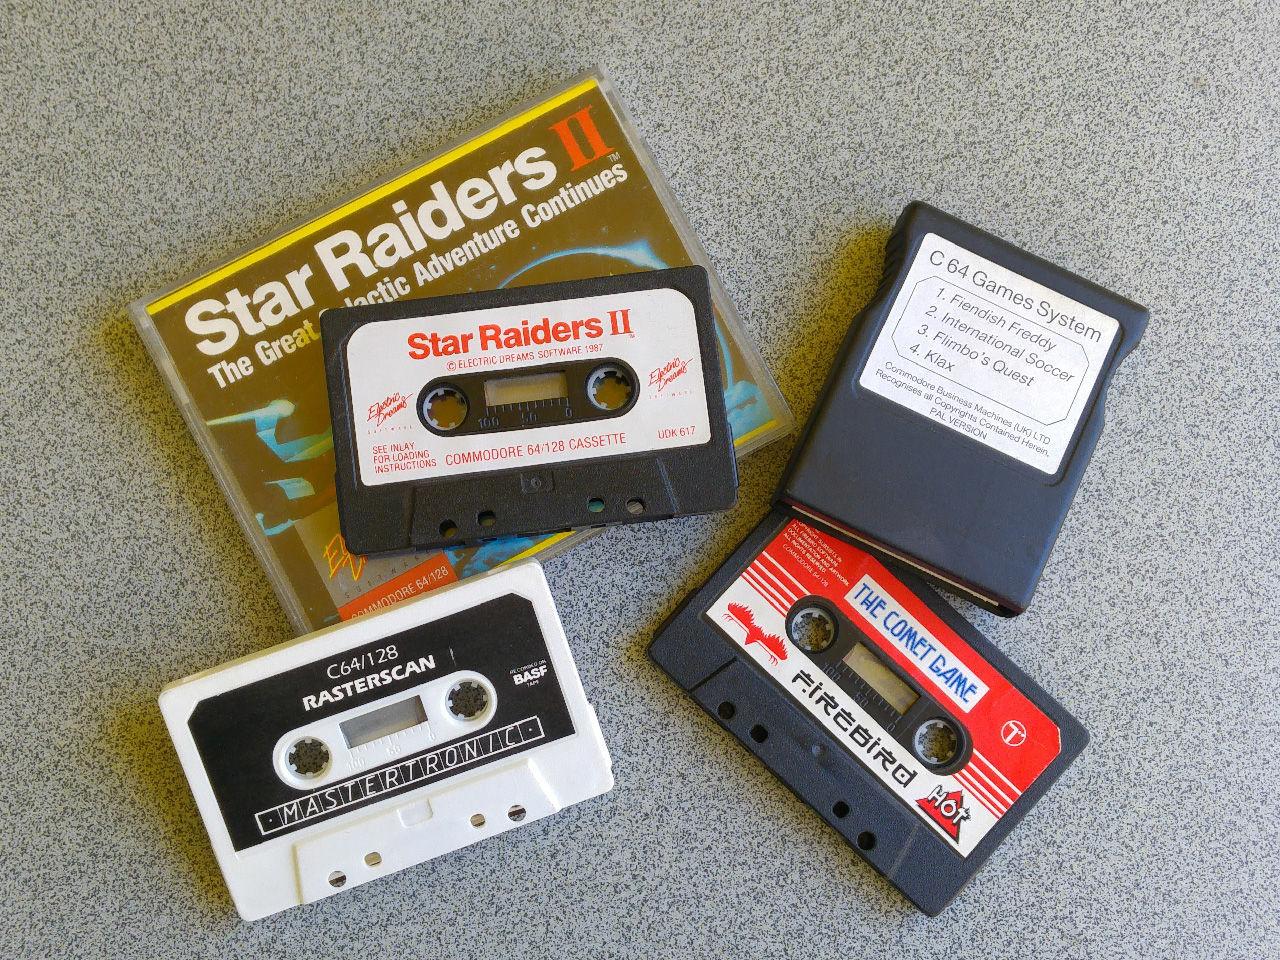 Spiele für den C64 waren nicht nur auf Disketten verfügbar. Ohne Peripherie konnten nur Cartridges verwendet werden, für die Verwendung von Kassetten war eine Datasette und aufgrund der langen Ladezeiten auch Geduld Voraussetzung. (Bild: Leopold Brodecky)